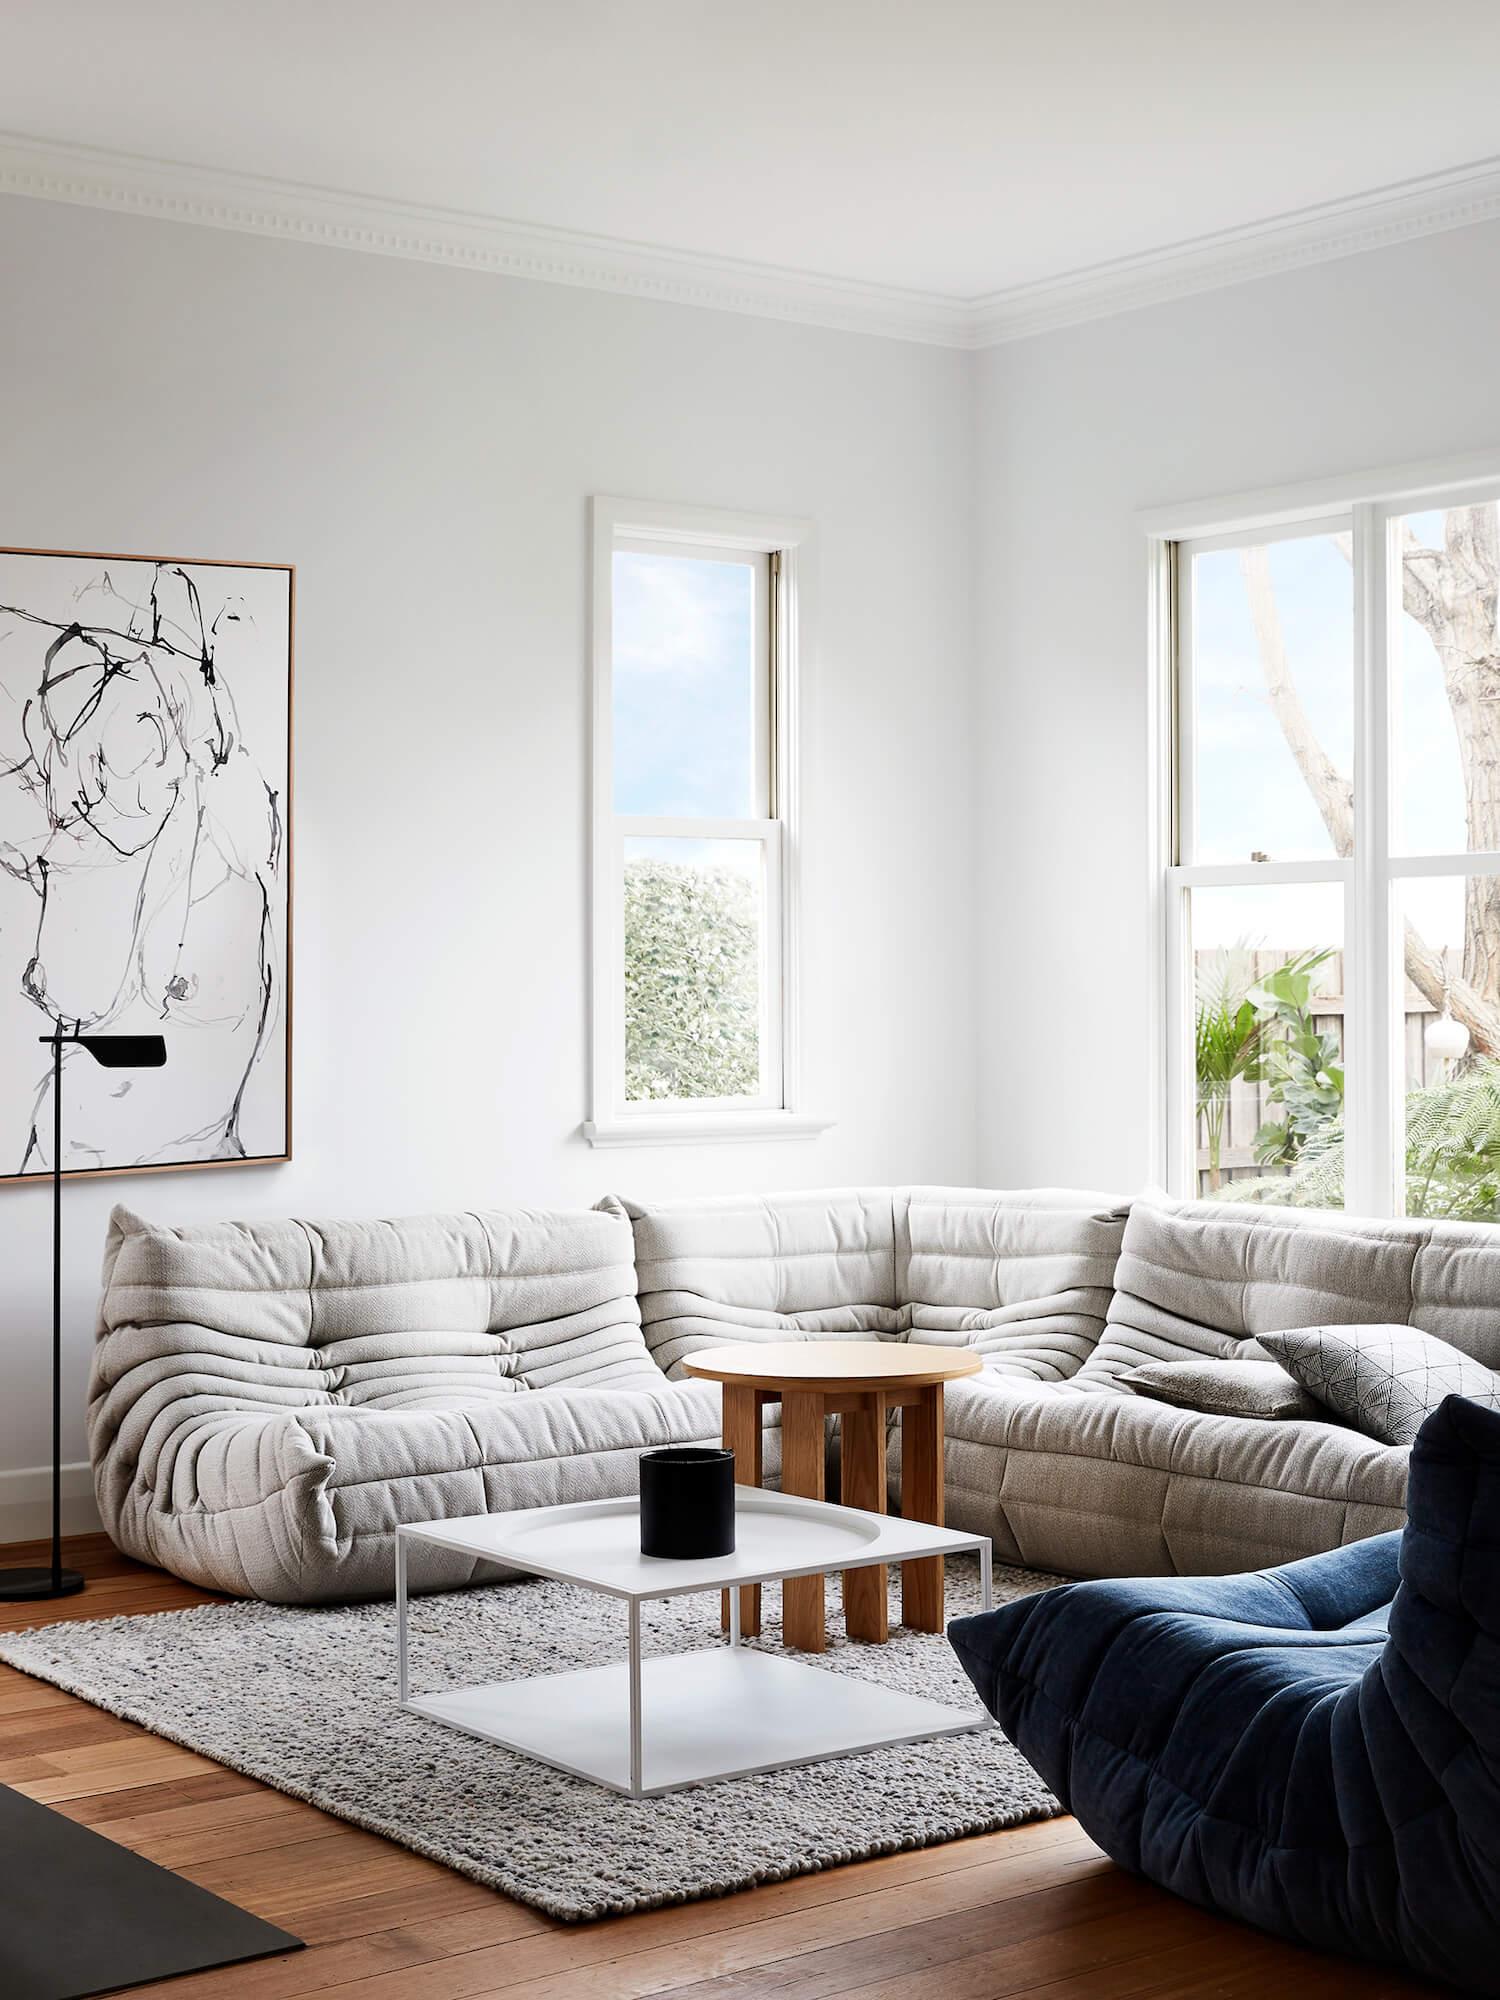 est living harrison interiors newport residence 7